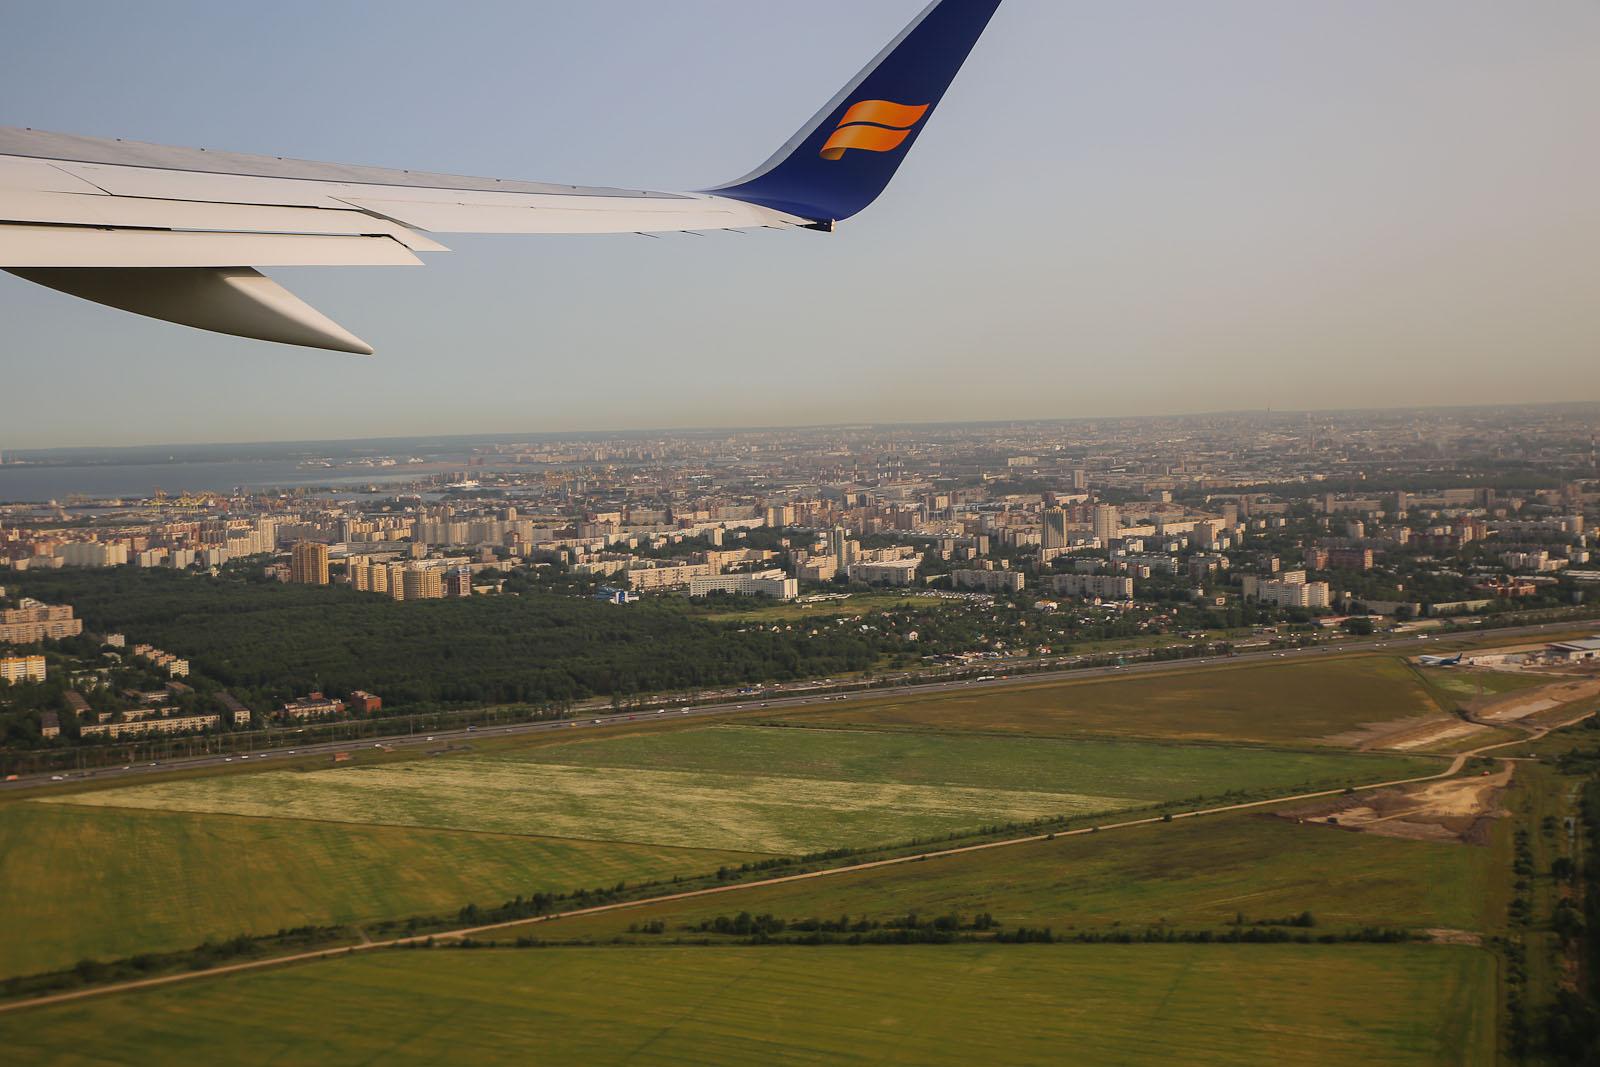 Взлет из аэропорта Пулково